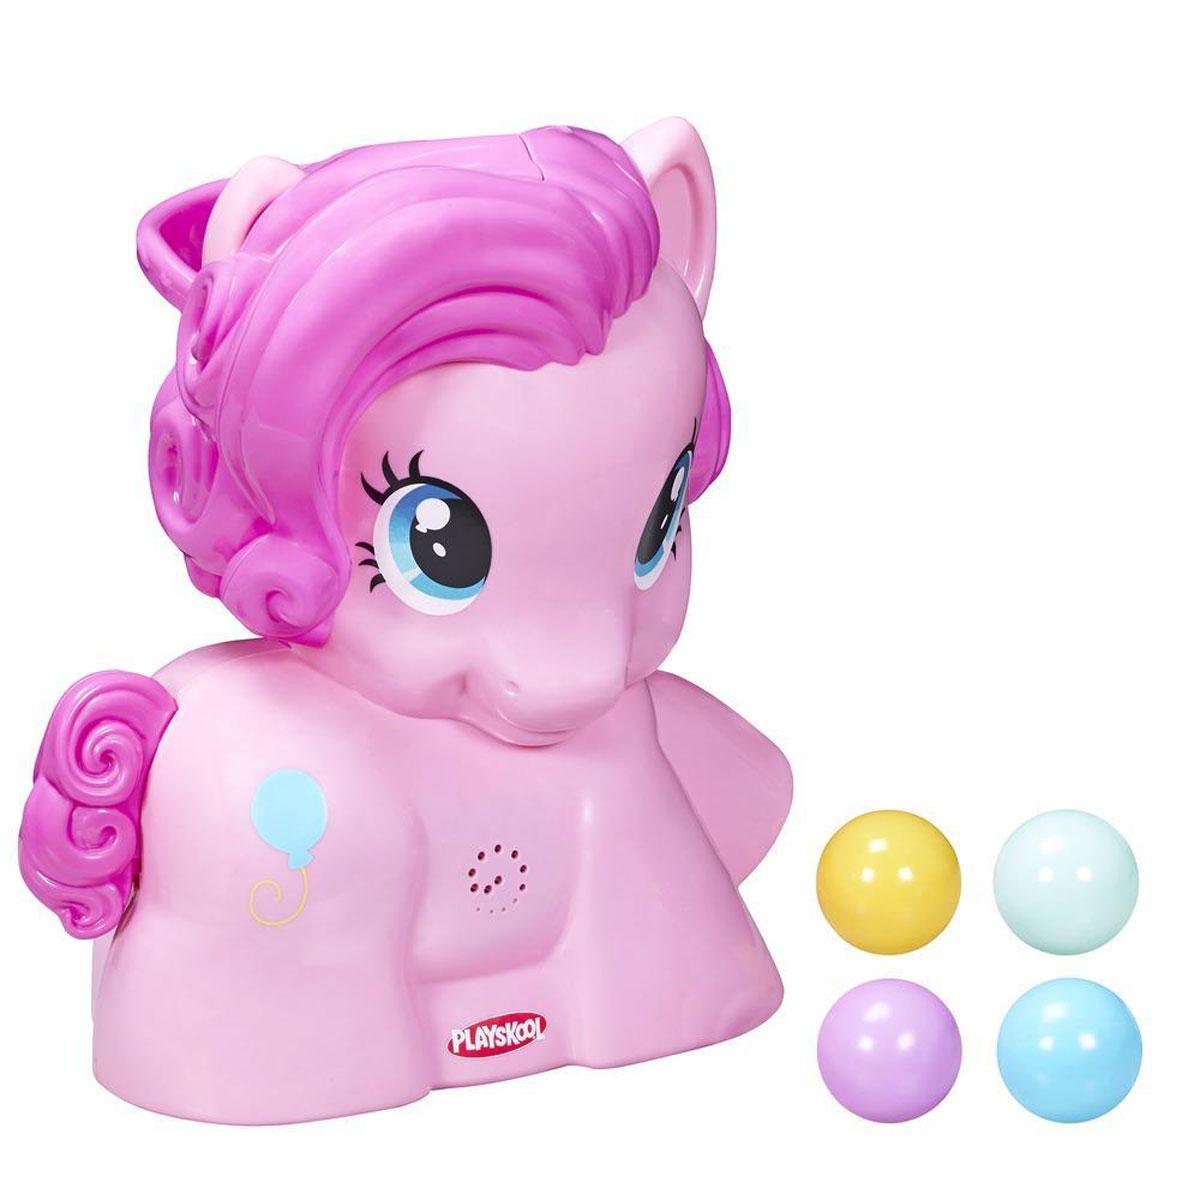 Playskool Музыкальная игрушка My Little Pony: Пинки Пай, с шарамиB1647EU4Музыкальная игрушка My Little Pony: Пинки Пай с мячиками обеспечит увлекательное и развивающее времяпровождение для самых маленьких. Она создана из пластика высочайшего качества и не имеет острых углов, так что совершенно безопасна. Игрушка выполнена в виде большой фигурки лошадки Пинки Пай - героини популярного детского мультфильма Дружба - это чудо!. Помимо пони в комплект входят 4 небольших разноцветных шарика. Цель ребенка: в небольшой лоток на голове лошадки нужно положить шарики и нажать на хвостик, который является своеобразным рычажком. Под звуки музыкального сопровождения (всего 6 разных веселых мелодий) шарики один за другим будут выскакивать из головы или же скатываться из копытца пони. Откуда именно появится очередной шарик - загадка... Все они вылетают случайным образом. Поэтому надо вовремя успеть среагировать и поймать заветный шарик. С такой игрушкой ваш ребенок будет развивать свое внимание, координацию и логическое мышление. Порадуйте свою...